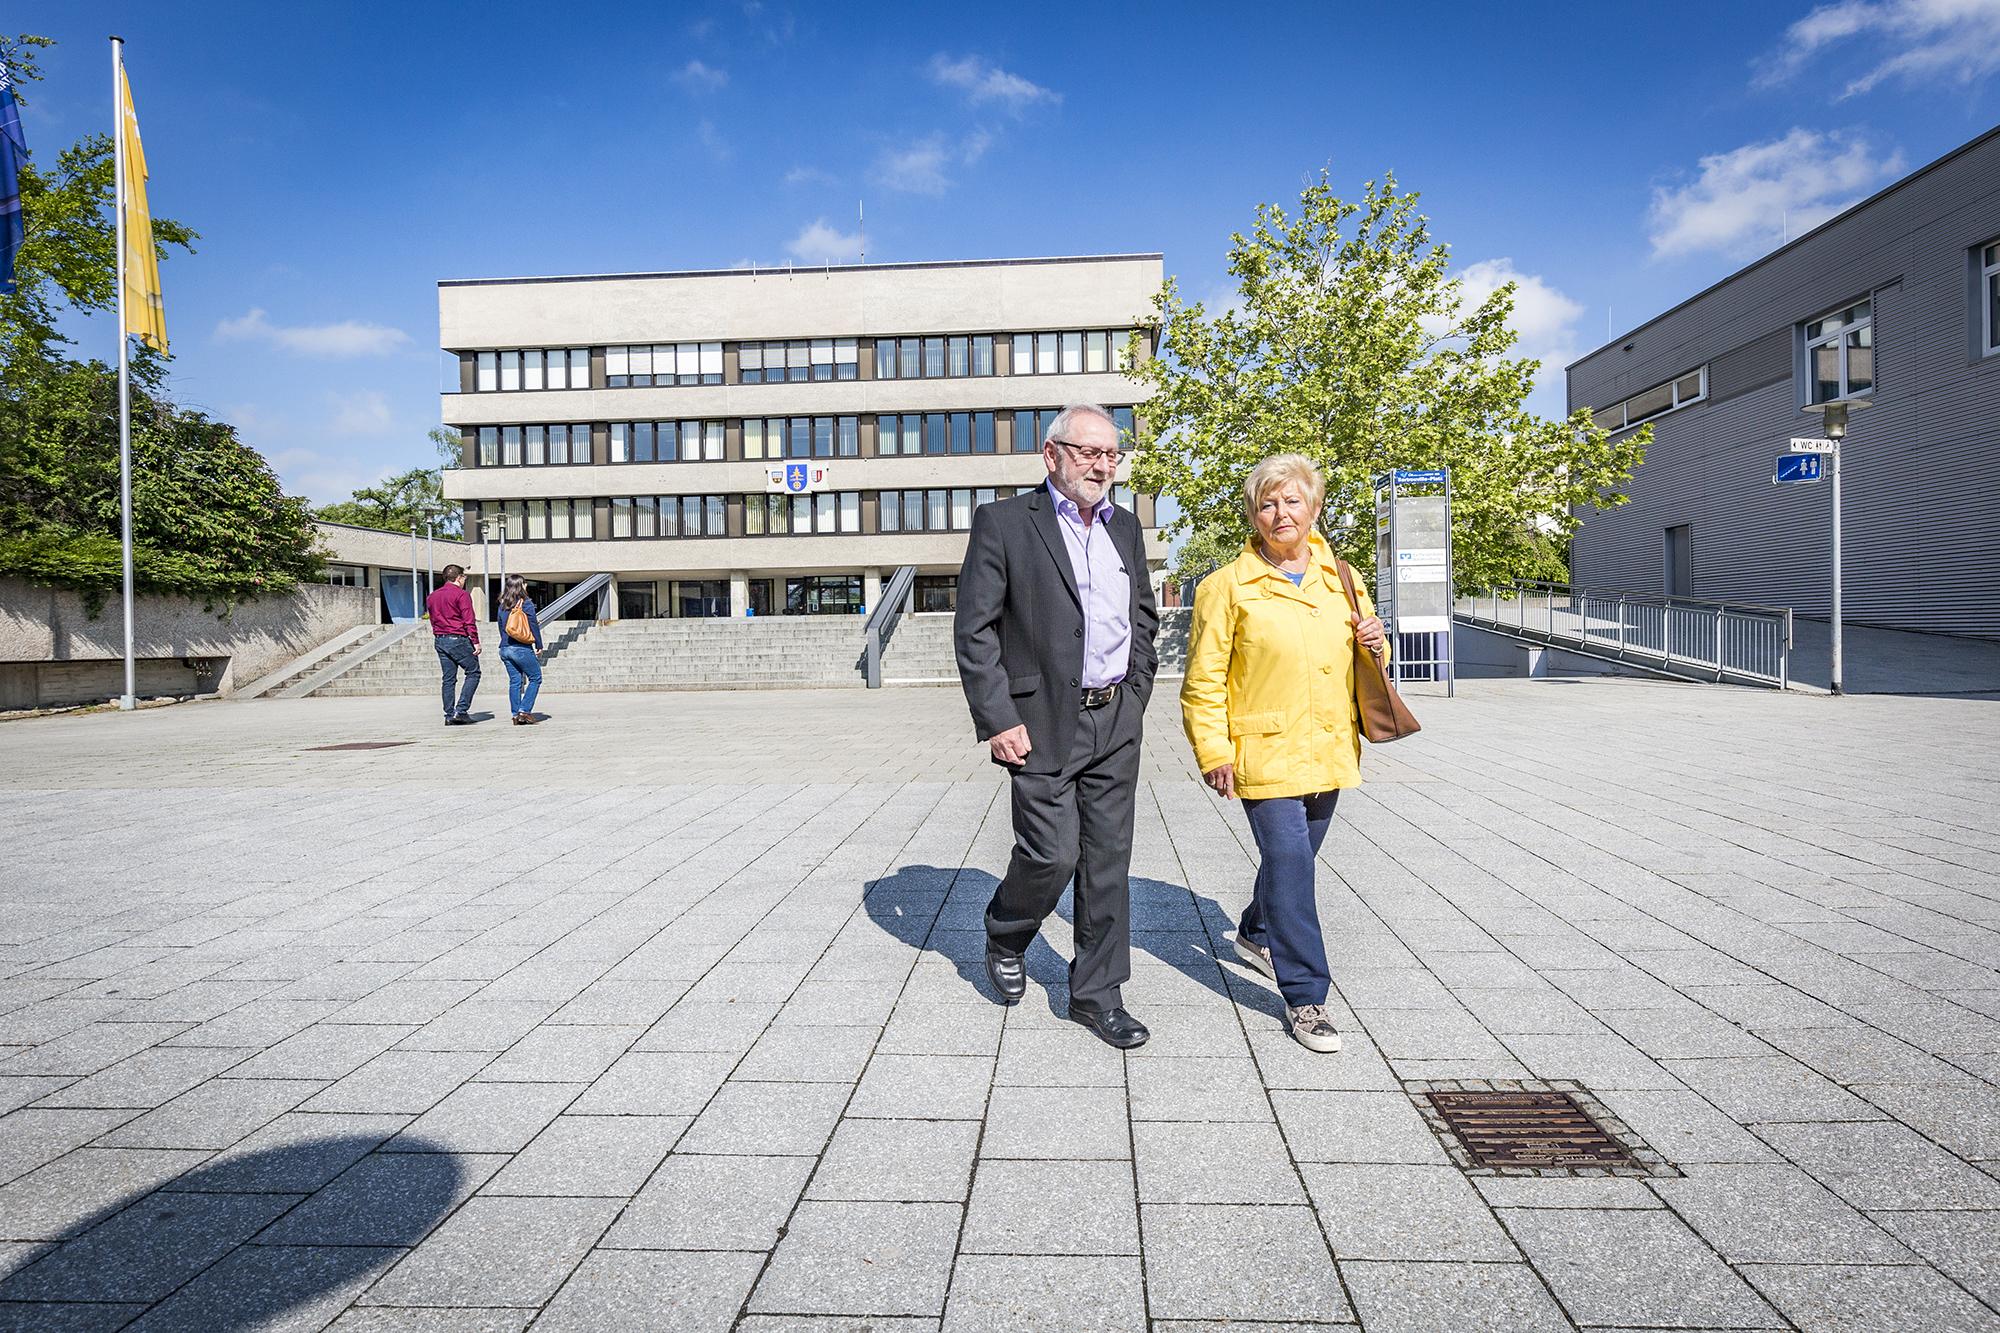 Zwei Senioren spazieren am Rathaus Vorplatz